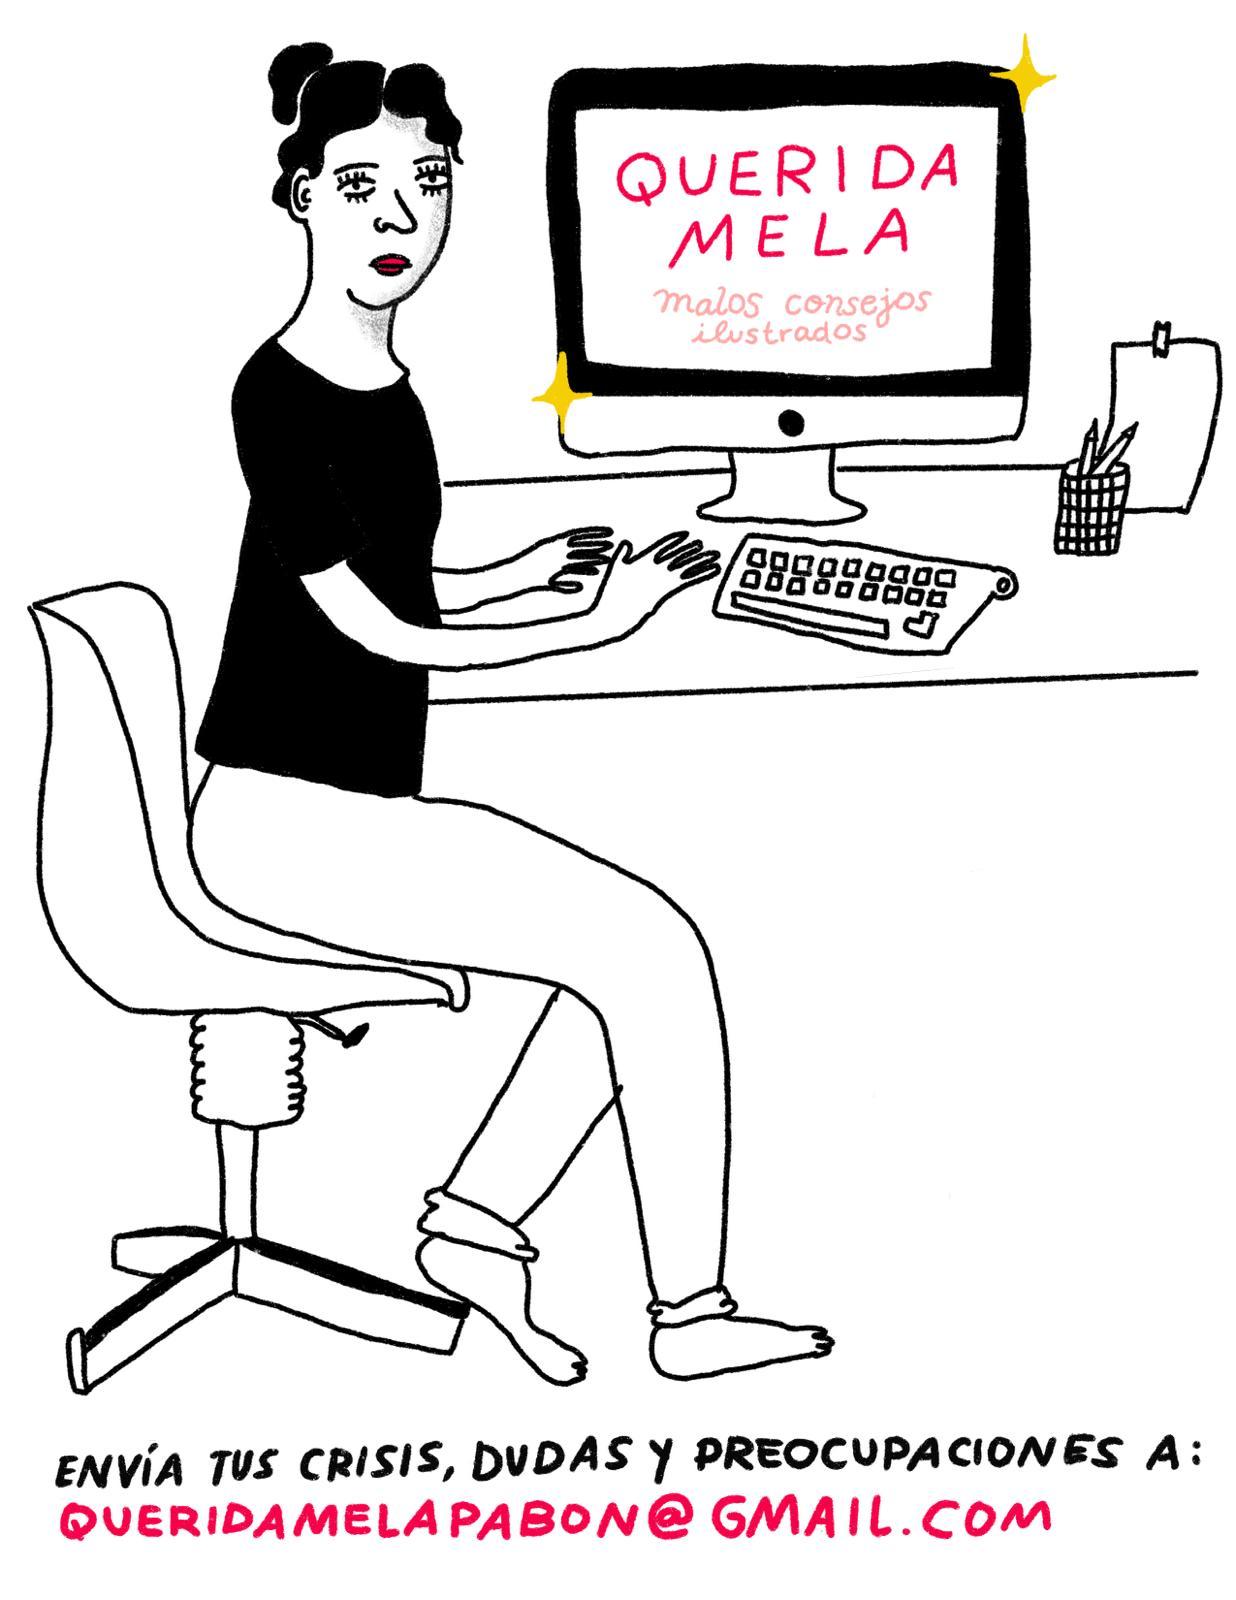 Ilustración de Mela Pabón para el consultorio de 'Querida Mela' en EL PAÍS